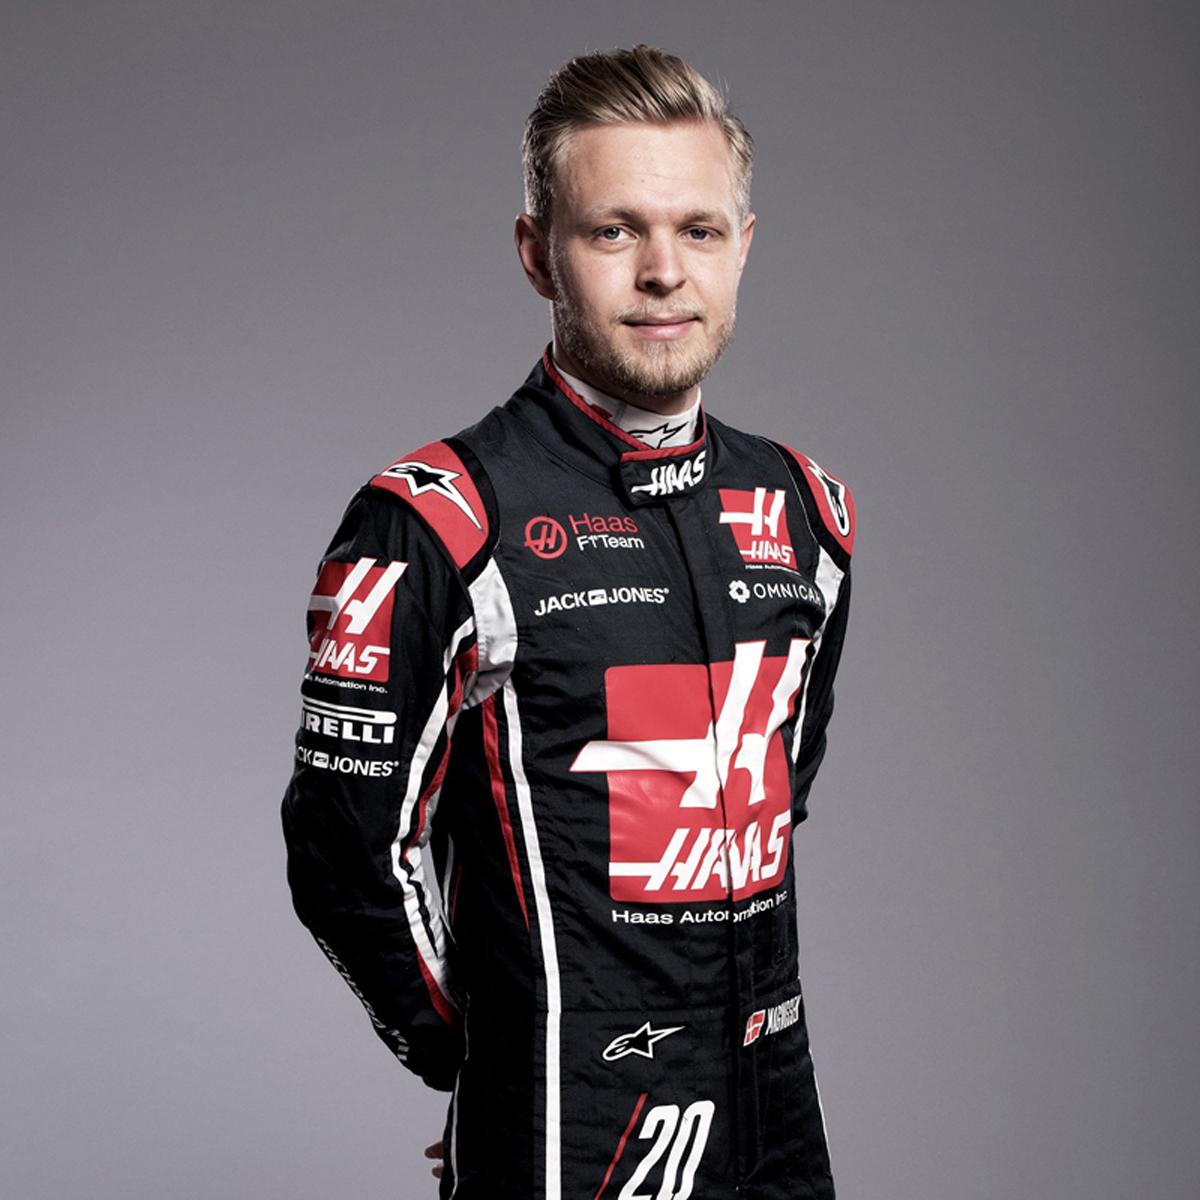 ケビン・マグヌッセン(ハース):2018年 F1レーシングスーツ